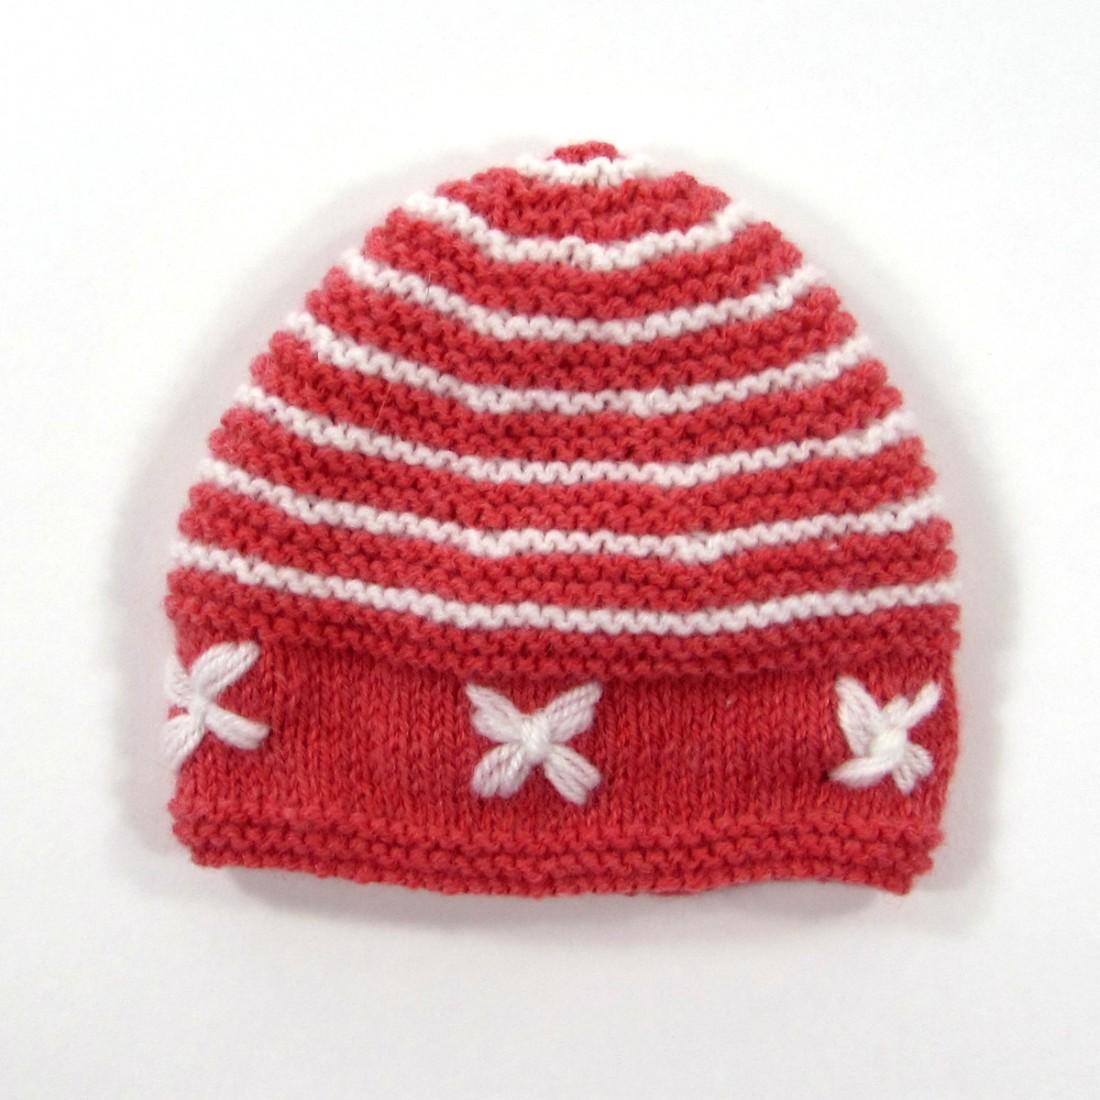 Bonnet bébé tricot rayé point mousse fleurs rose corail et blanc f5a73424337